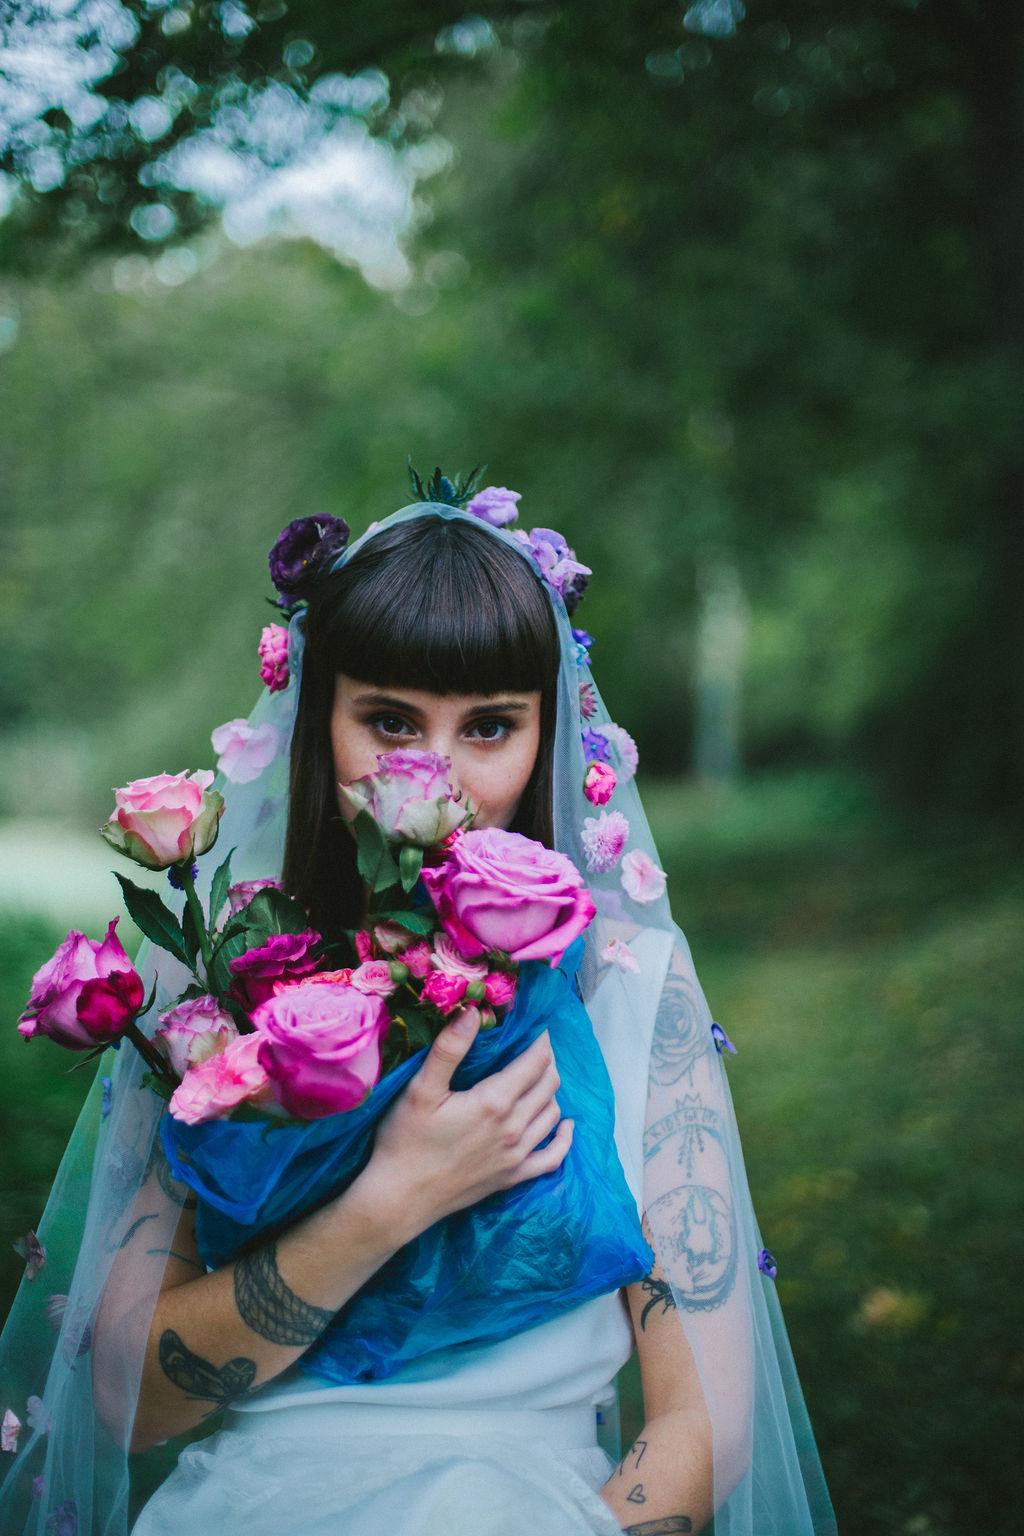 Fanny_myard_photography_ELIXIR-48